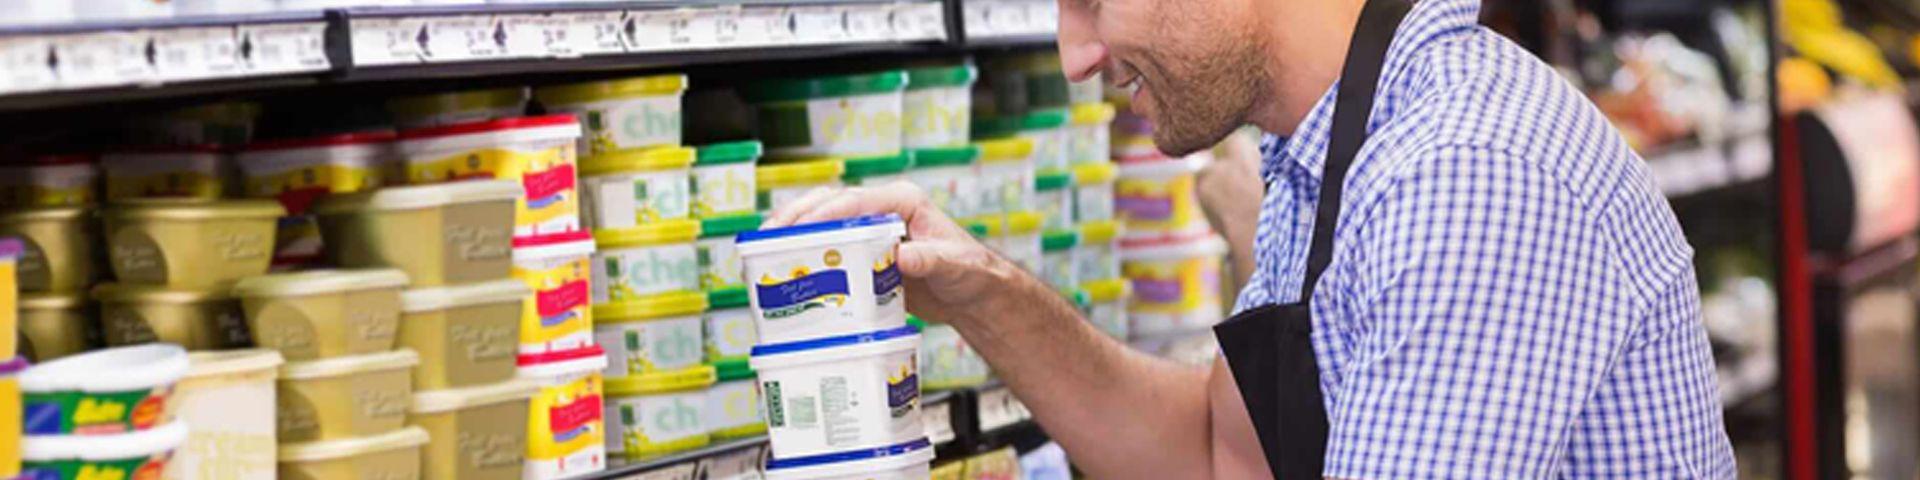 Merchandising y venta en las secciones de productos frescos en supermercados